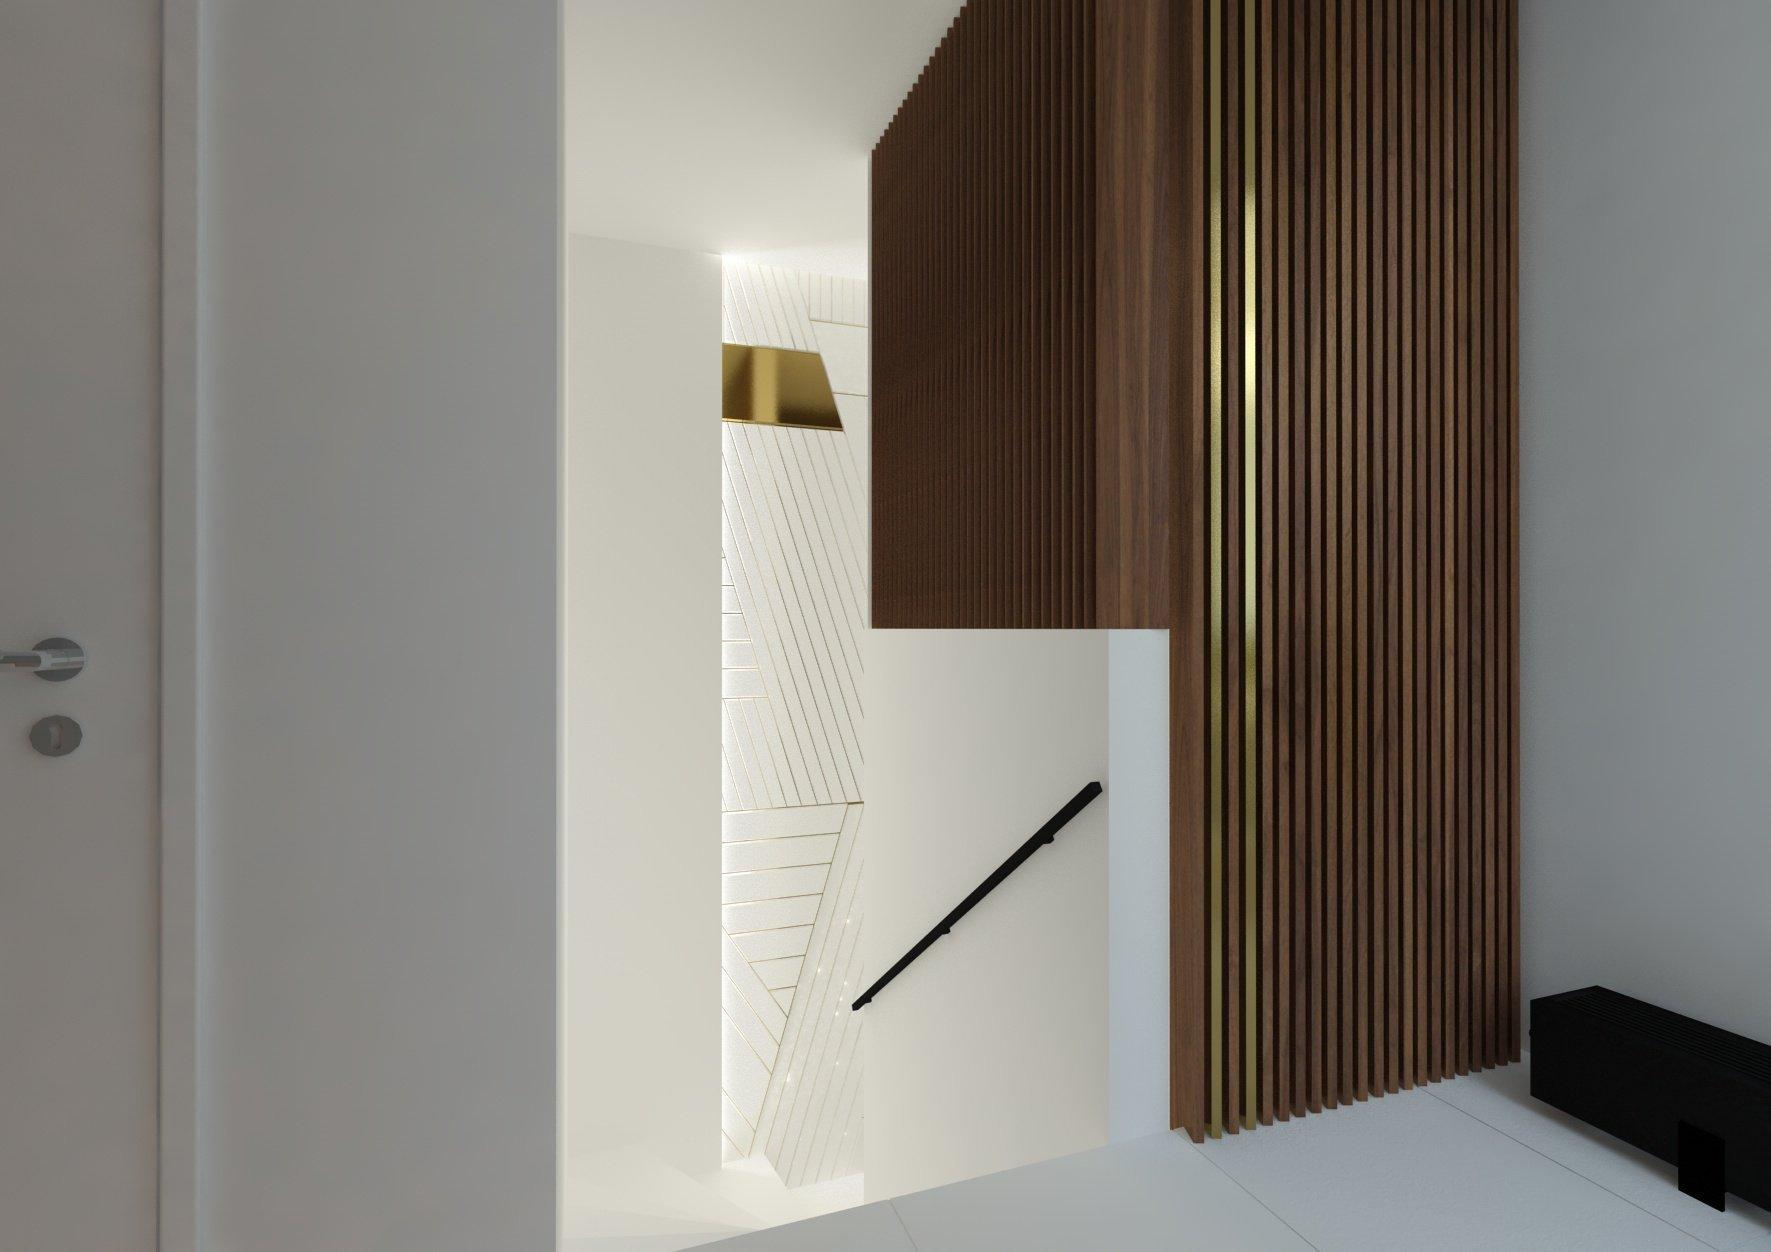 Luxusný interiérový dizajn bytu  Mezonetové byty patria k tým druhom bytov, na ktorých sa dokáže každý architekt vyhrať. Pre mnohých z nás je to dizajnový…